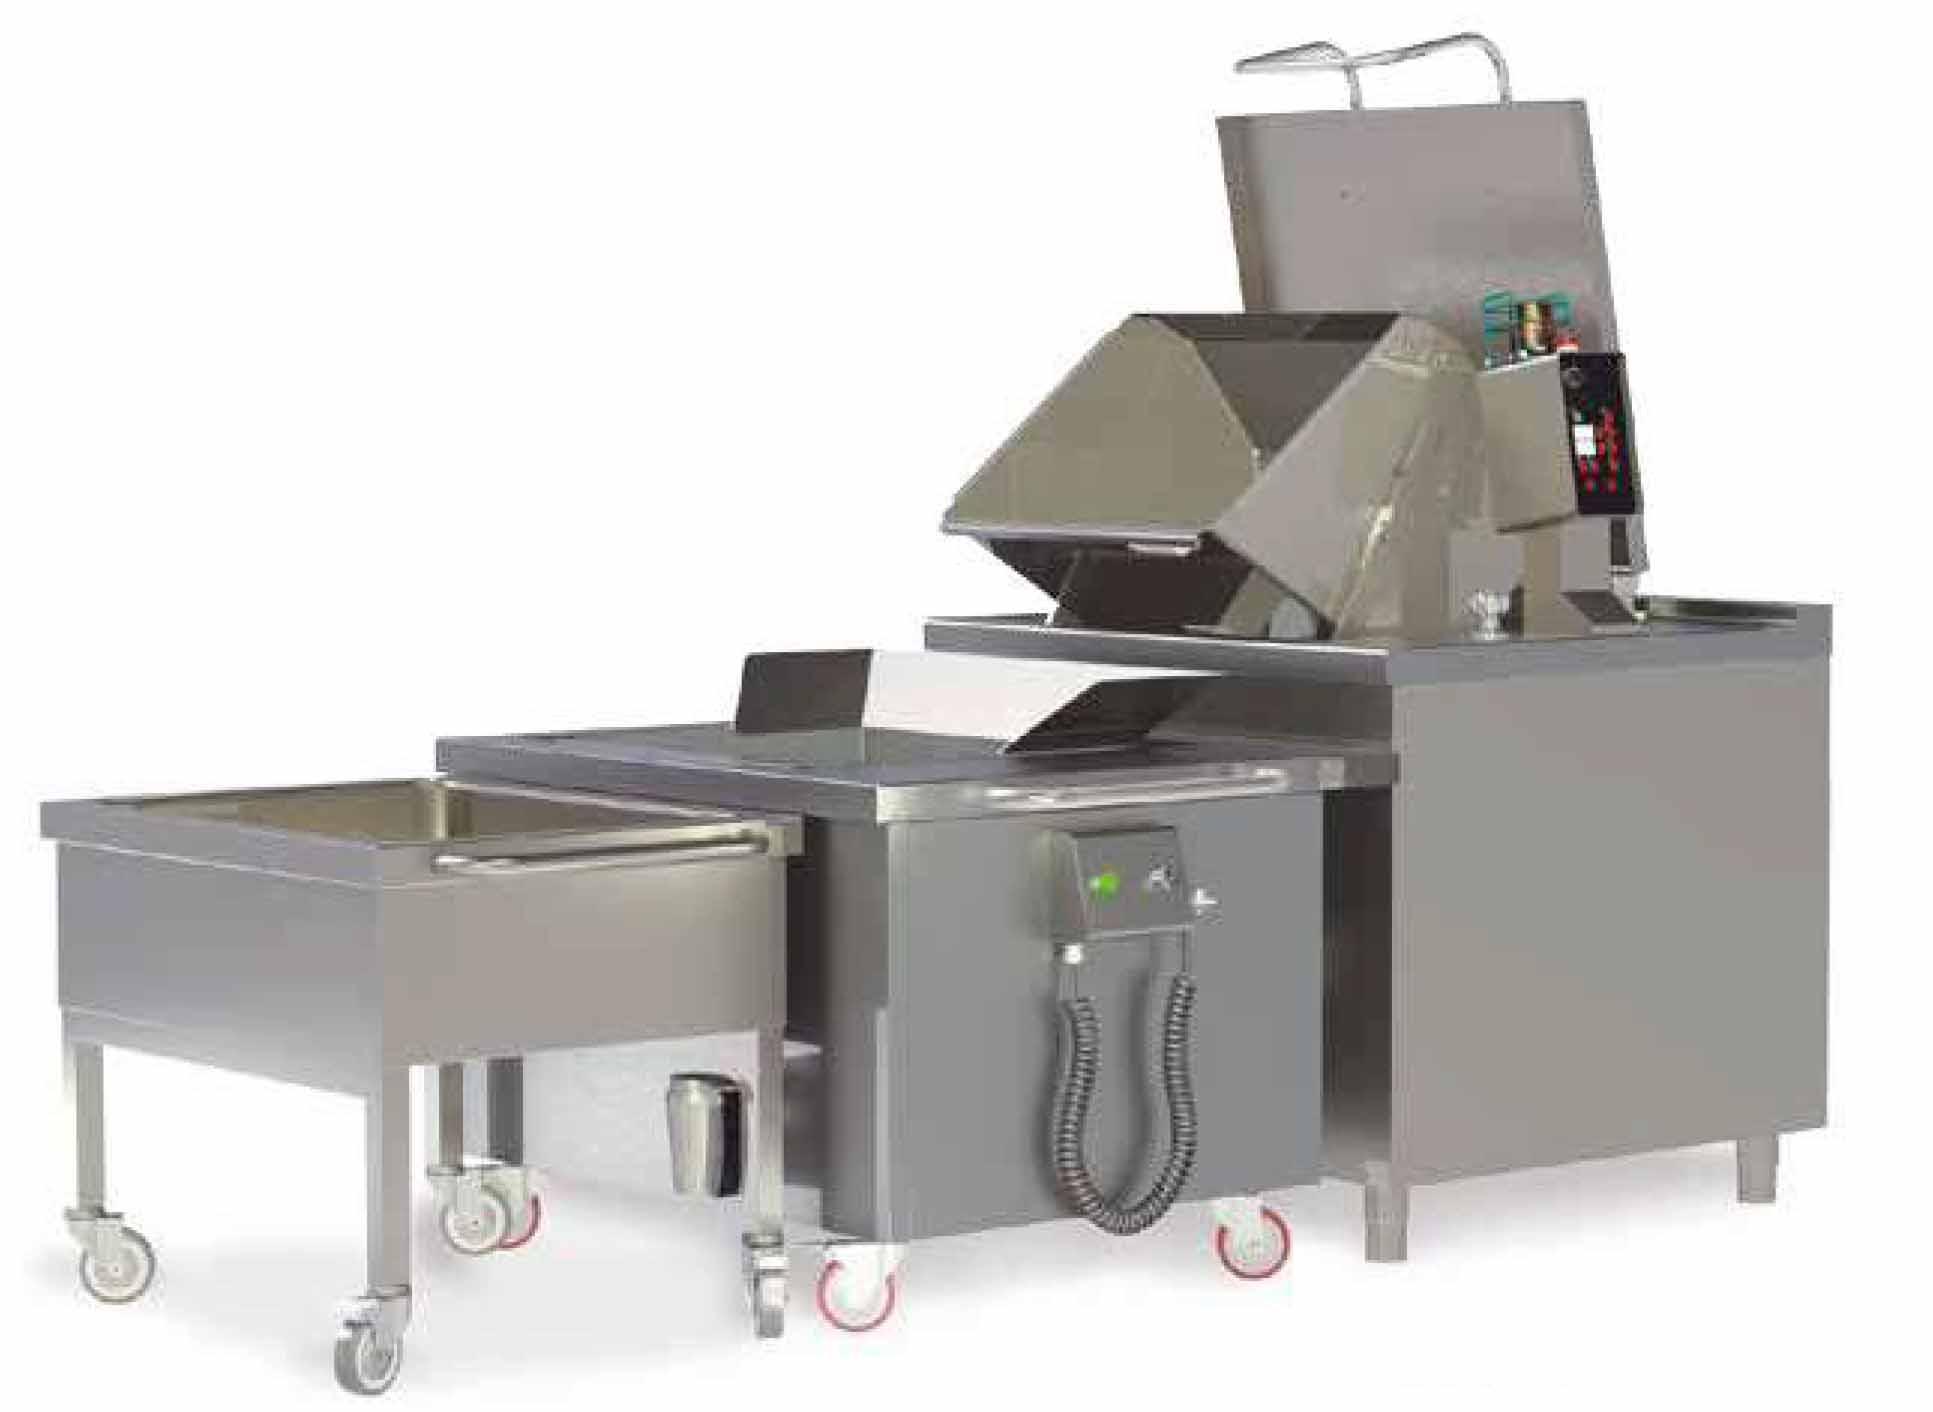 Cocinar y enfriar, en 3 fases: 1.cocción: El alimento queda cocinado en 8-10 minutos. Posteriormente la cesta se eleva automáticamente para escurrir. 2.enfriamiento: Puede ser conectada a agua corriente, agua refrigerada o agua con hielo. El enfriamiento unos 2-3 minutos y el alimento alcanza una temperatura máxima de 3ºC sobre la temperatura del agua. 3. Carro de almacenamiento Una vez enfriado el alimento, puede ser llevado a almacenar o porcionarlo en bandejas GN. Ya disponible en la tienda on line de EquipoH